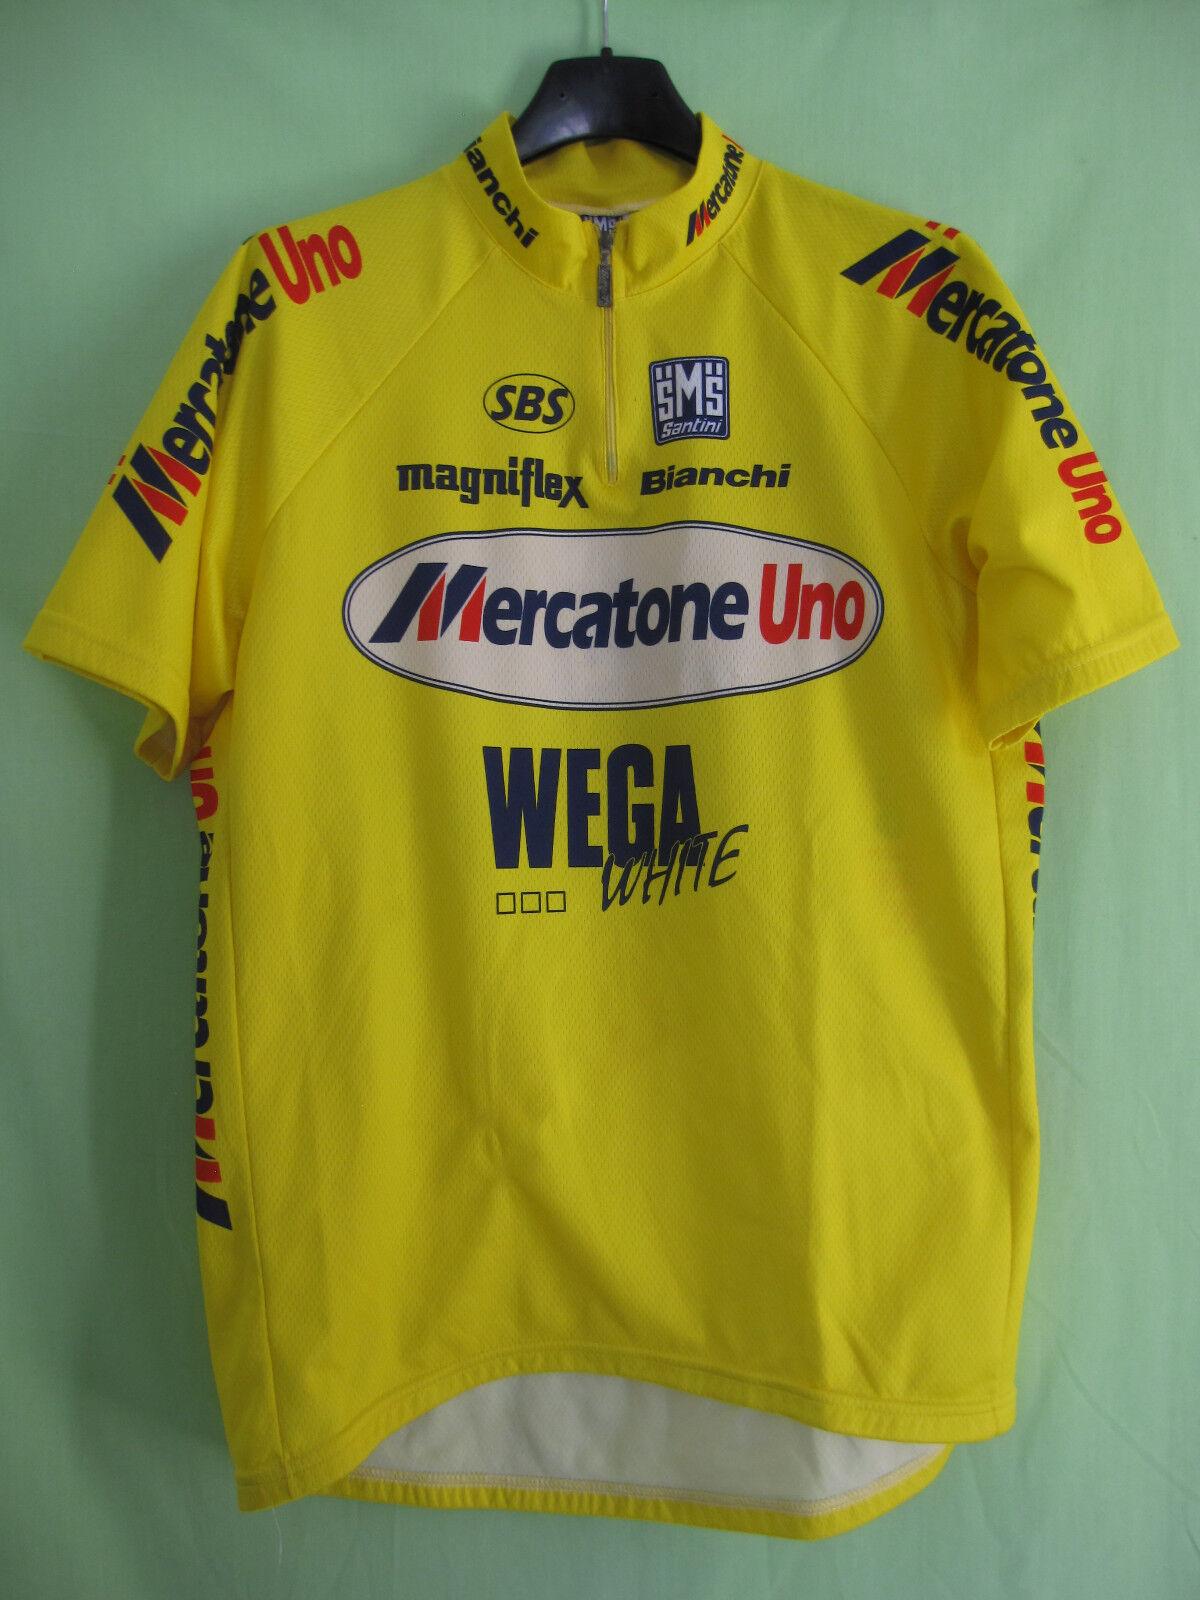 Maillot cycliste Mercatone Uno Wega Tour 1997 Santini Vintage Jersey - XXL